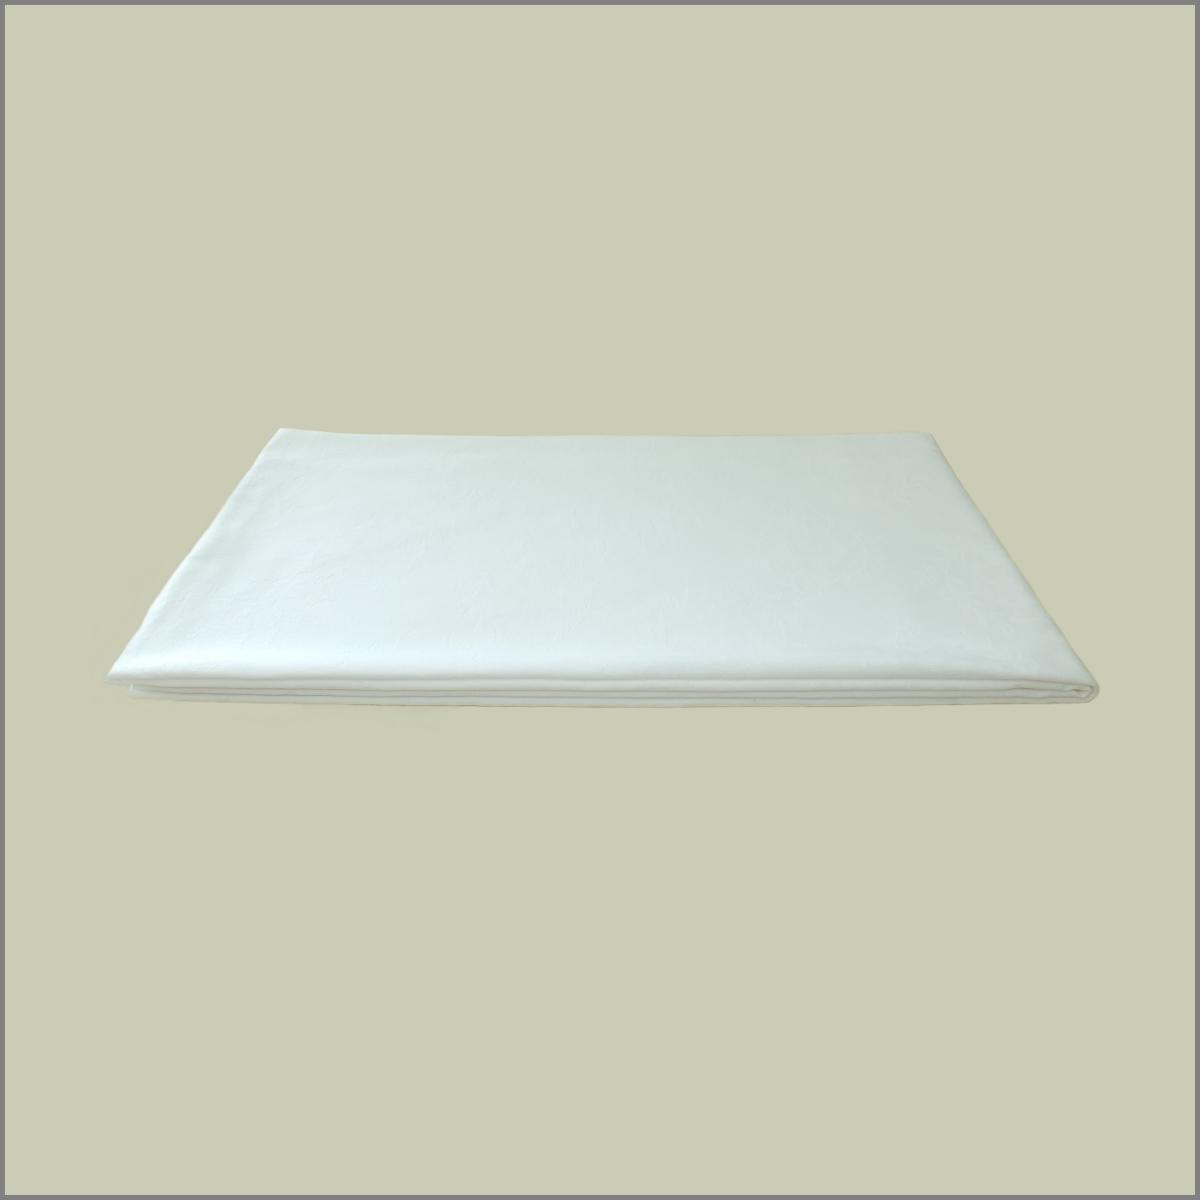 Nappe blanche pour table 183x76 1